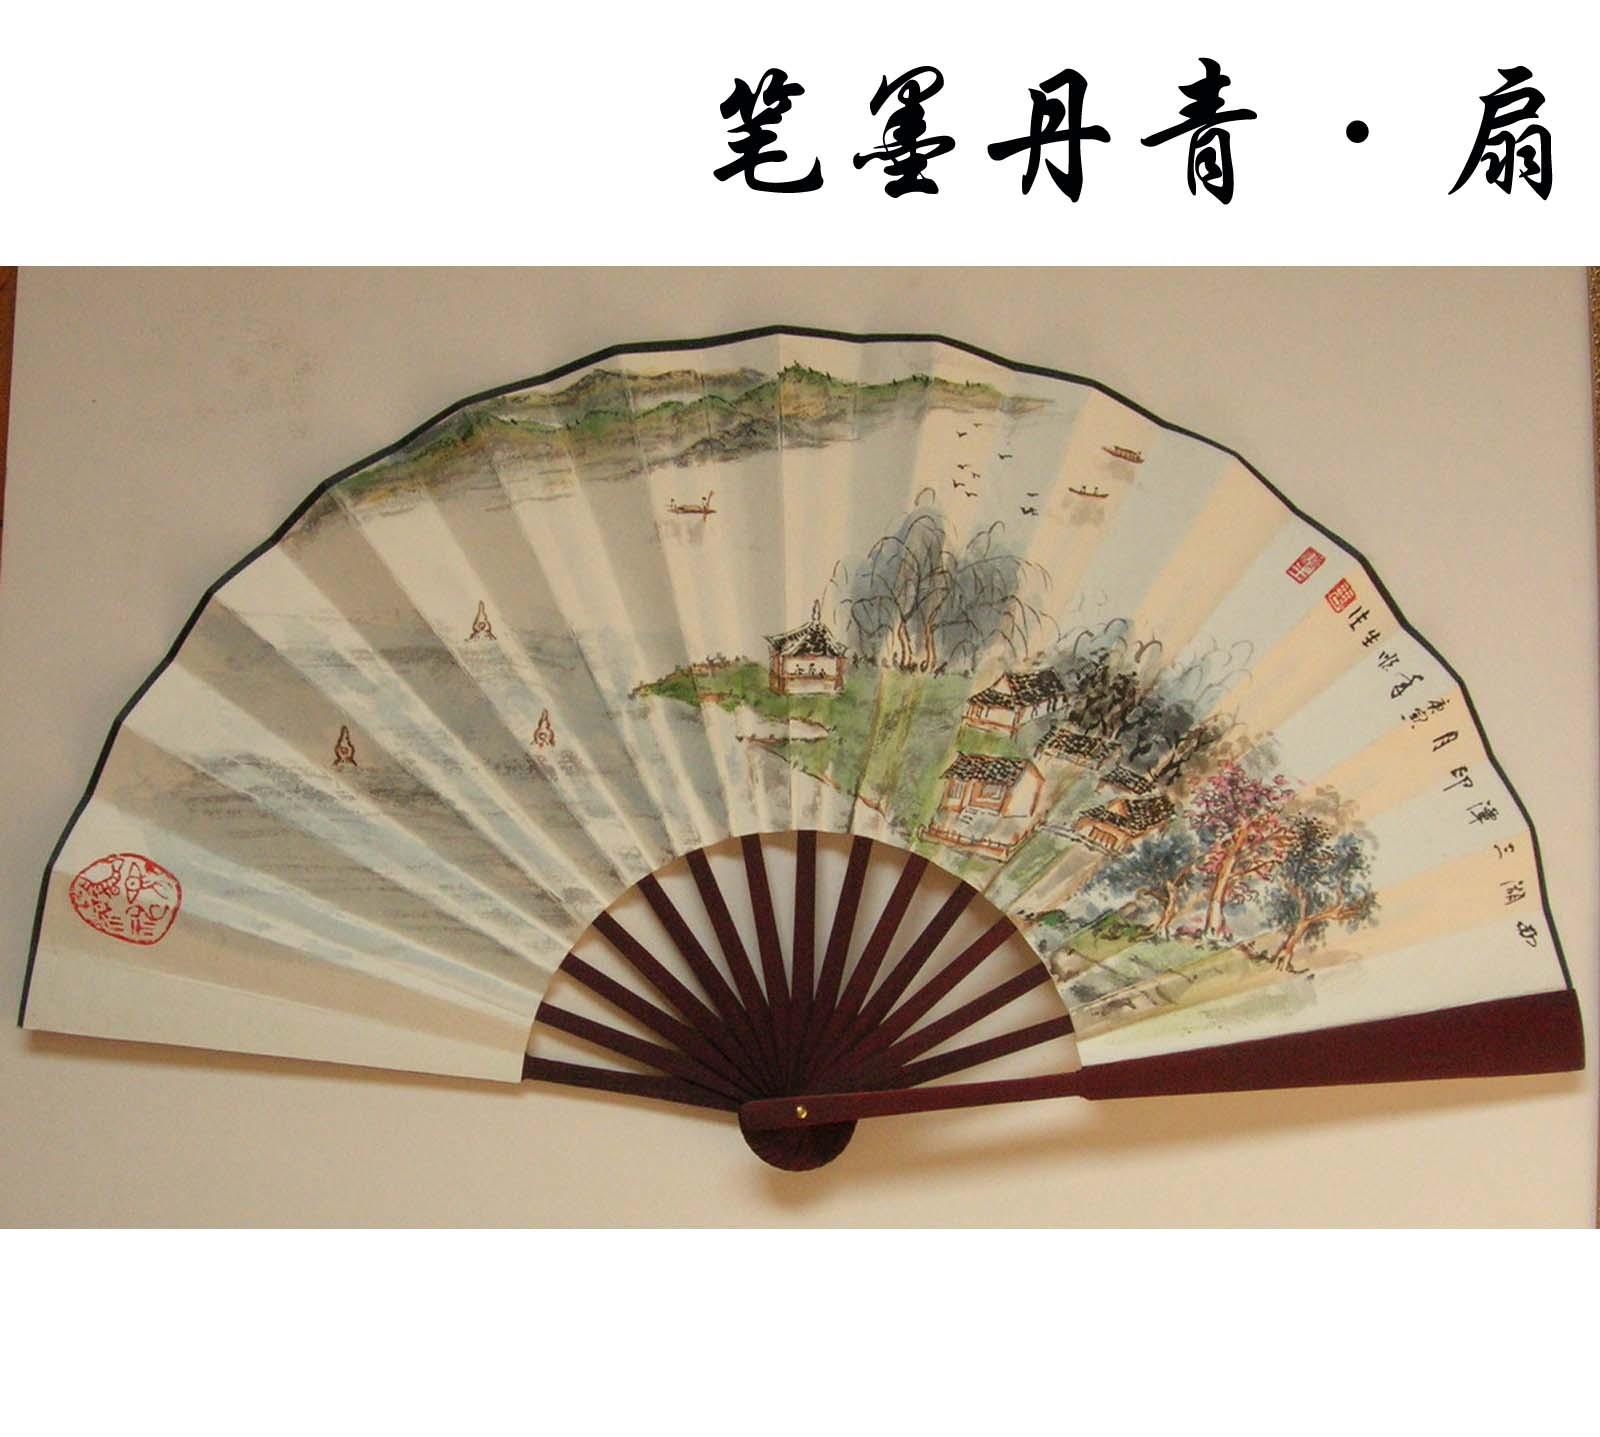 工艺扇 礼品扇 扇子 精品宣纸扇 手绘水墨画 山水画 10寸图片